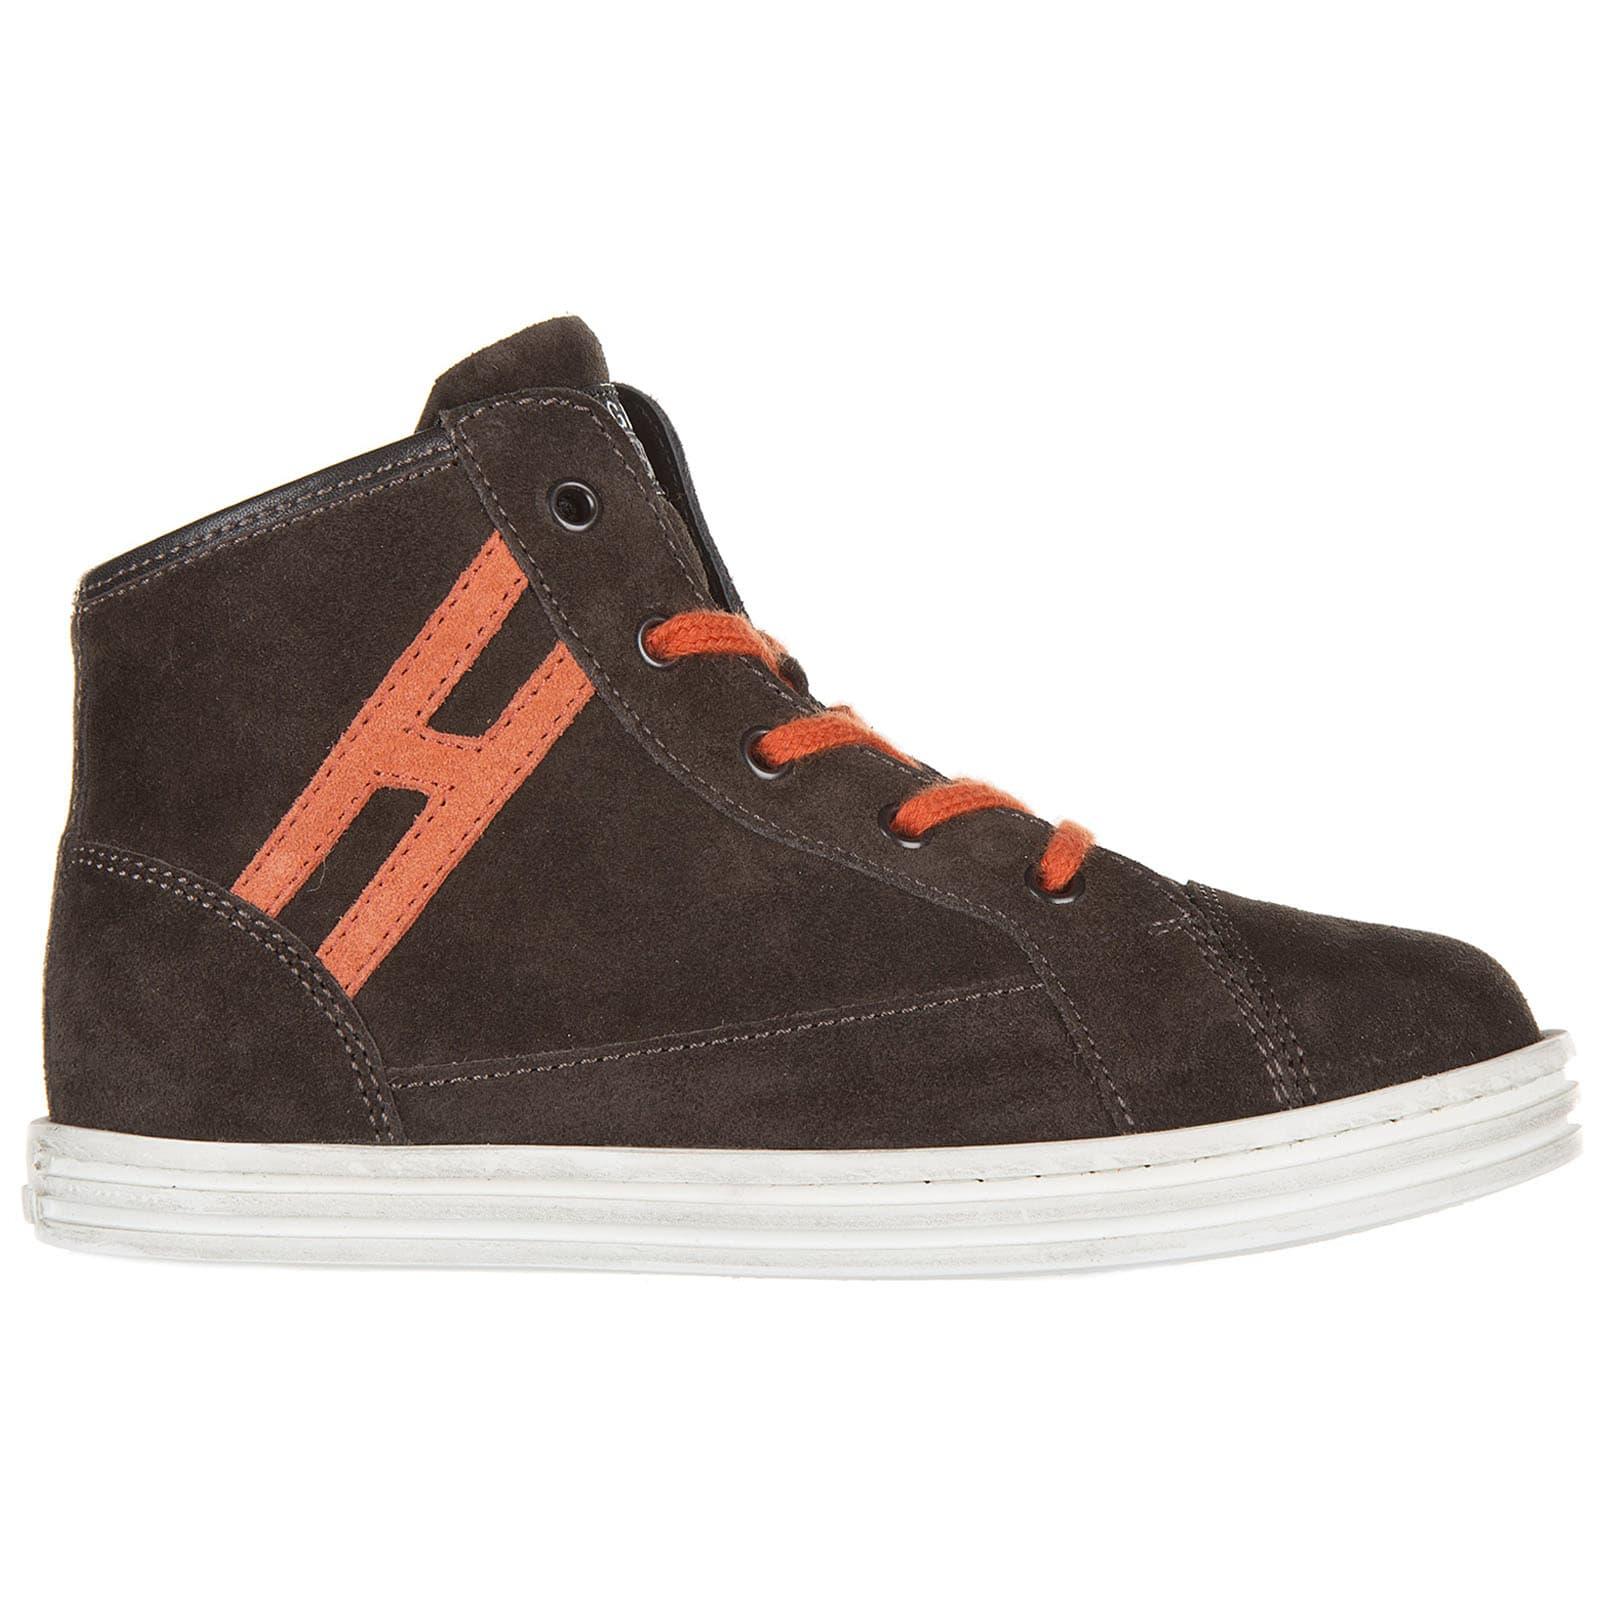 R141 High-top Sneakers